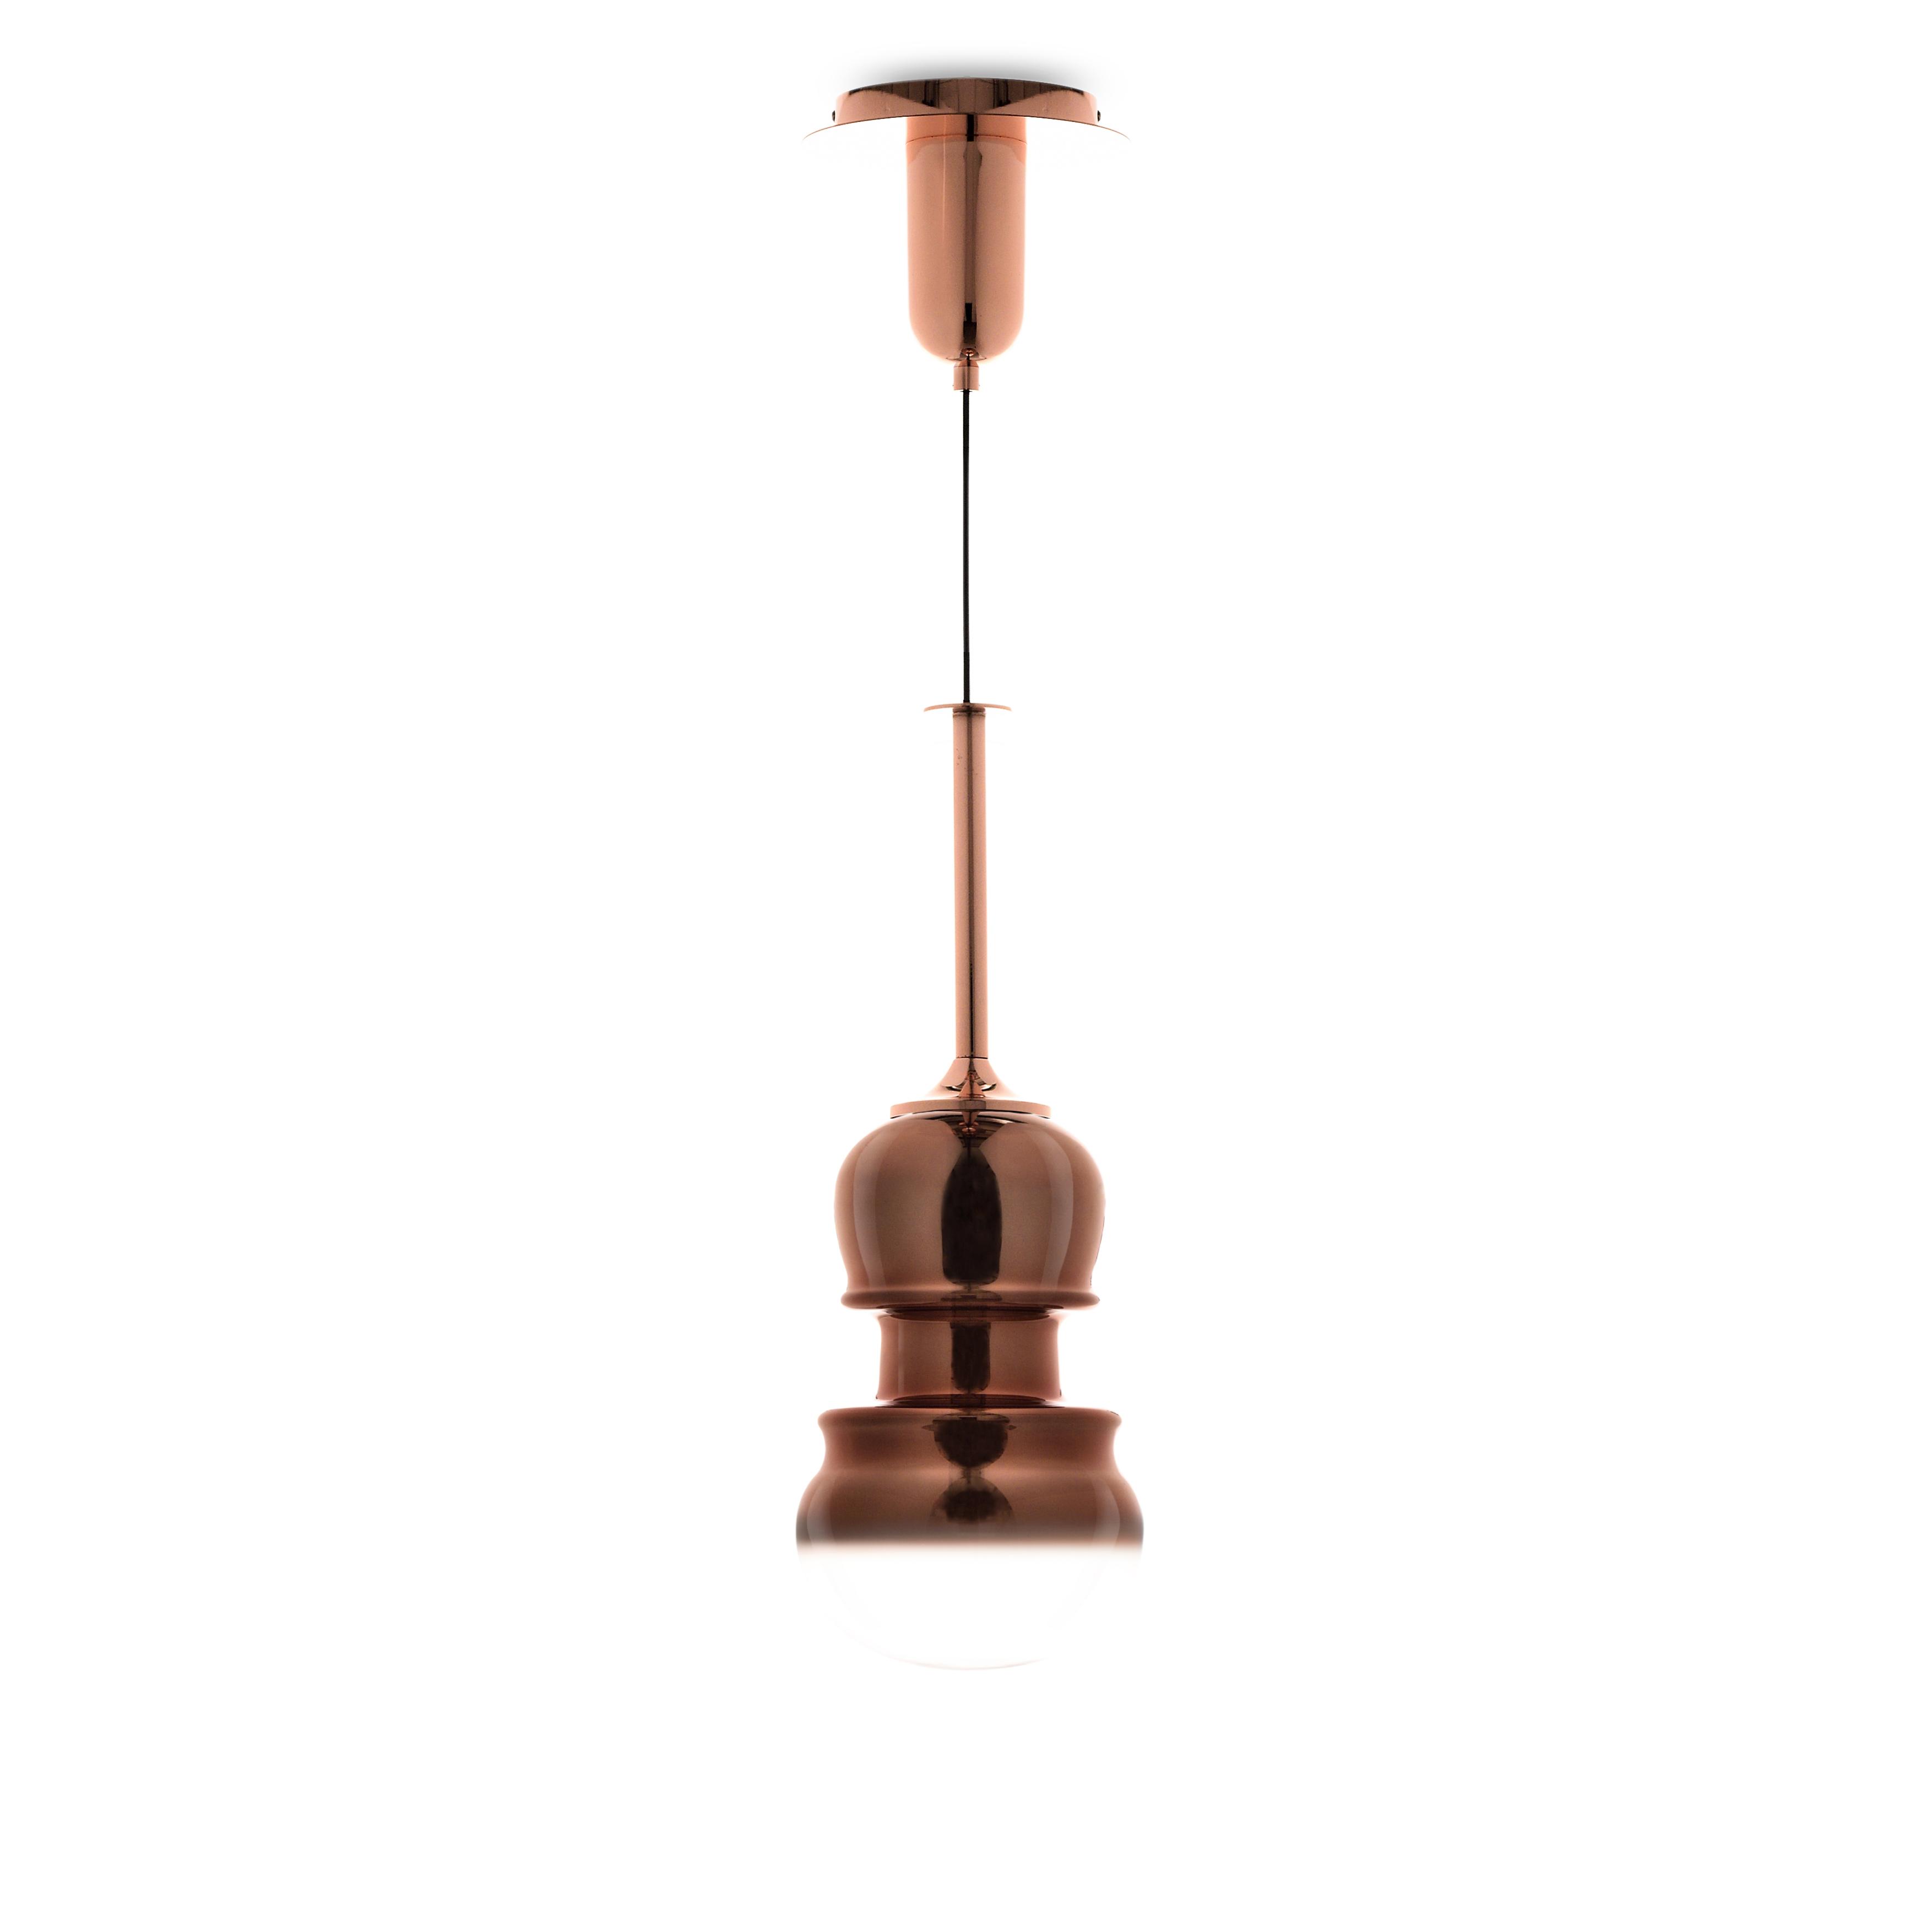 Подвесной светильник Mantra Sonata 6695, 1xE27x40W, медь, металл, стекло - фото 1